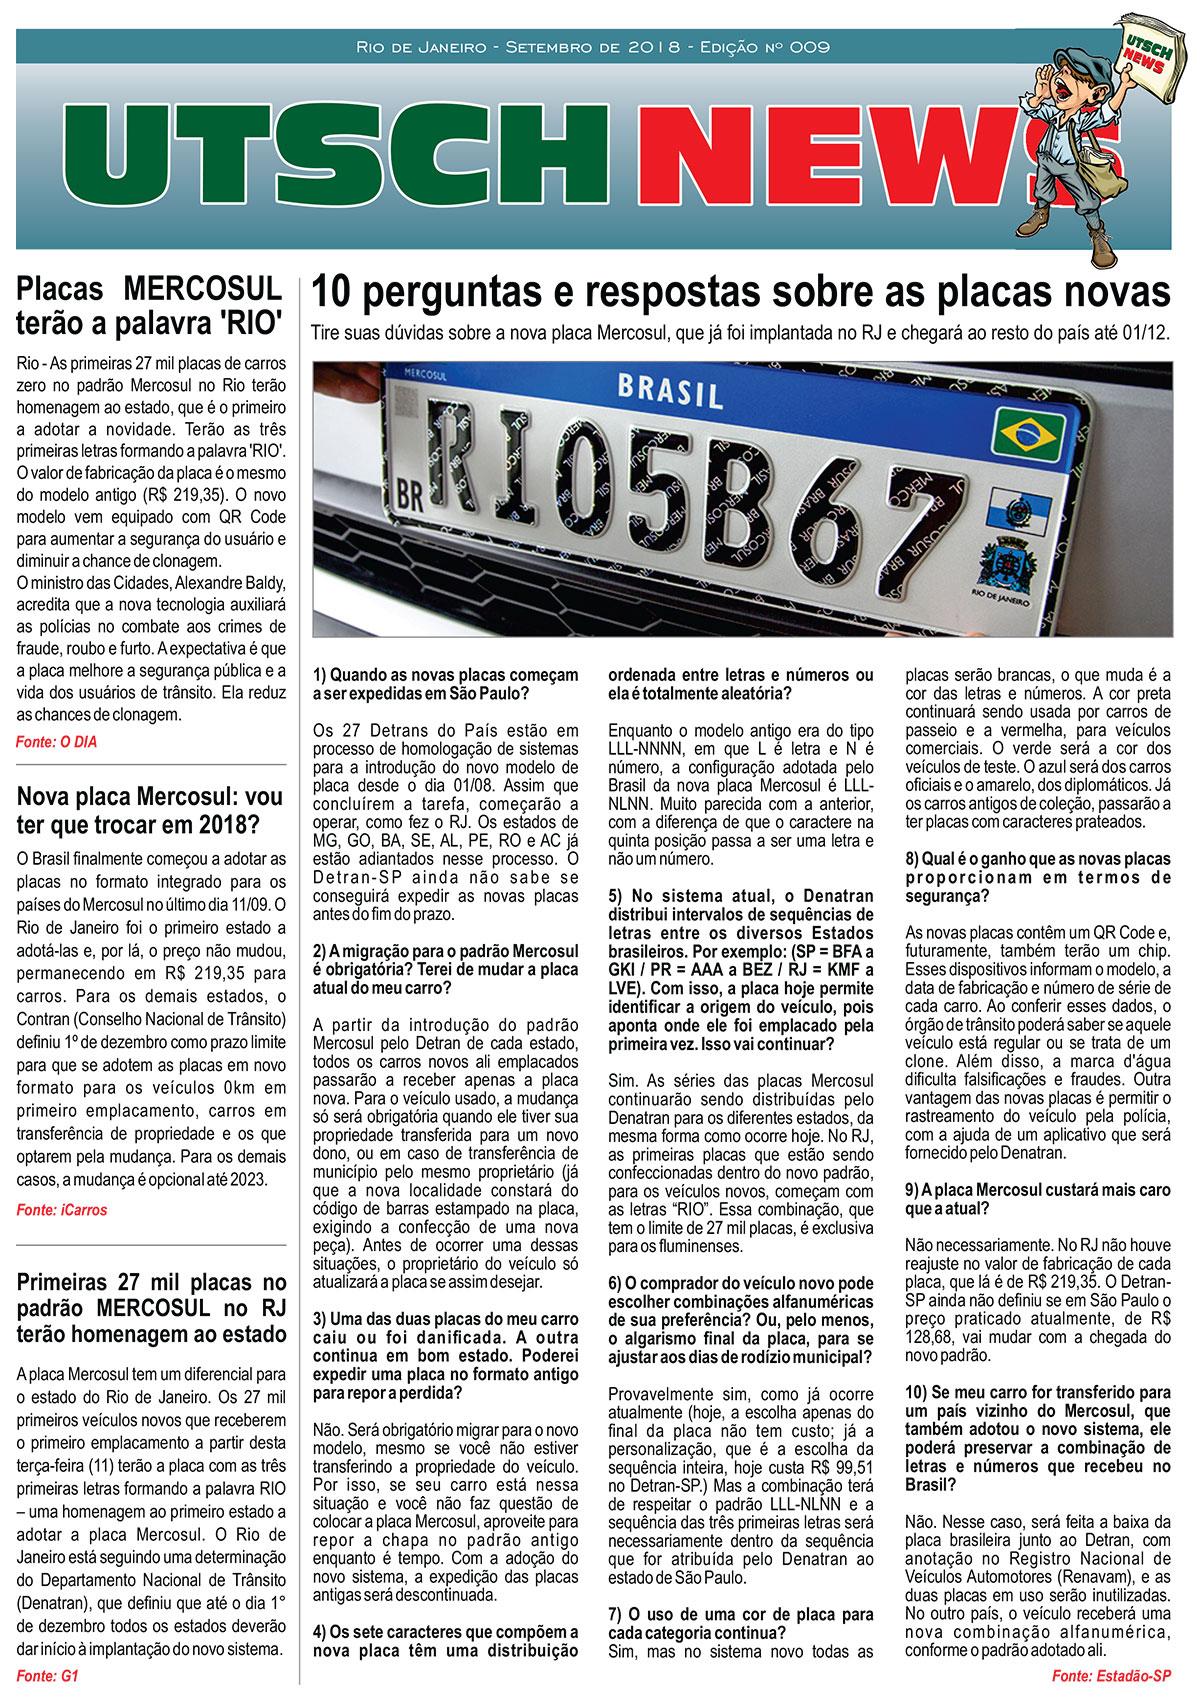 Jornal-UTSCH-BRASIL---edição-009